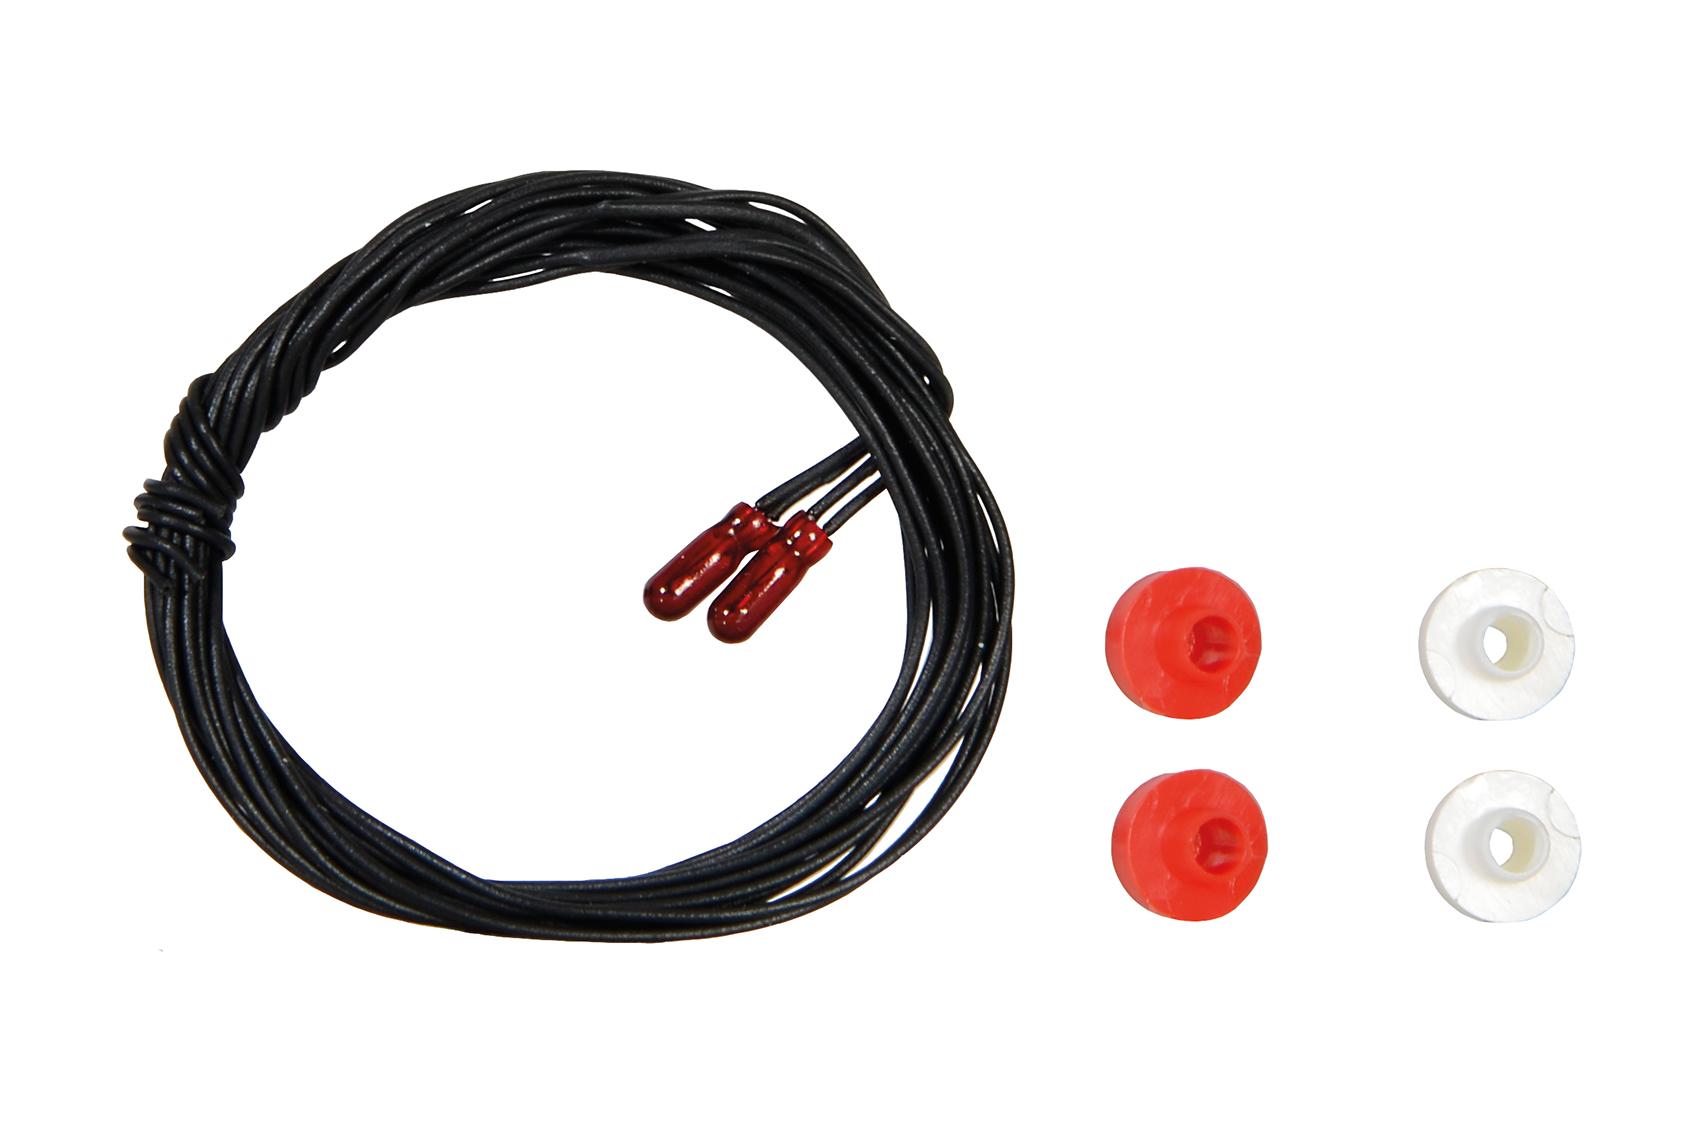 Viessmann 3508 <br/>Glühlampen, rot, 1,8 mm, 16V, 2K, 2 Stück